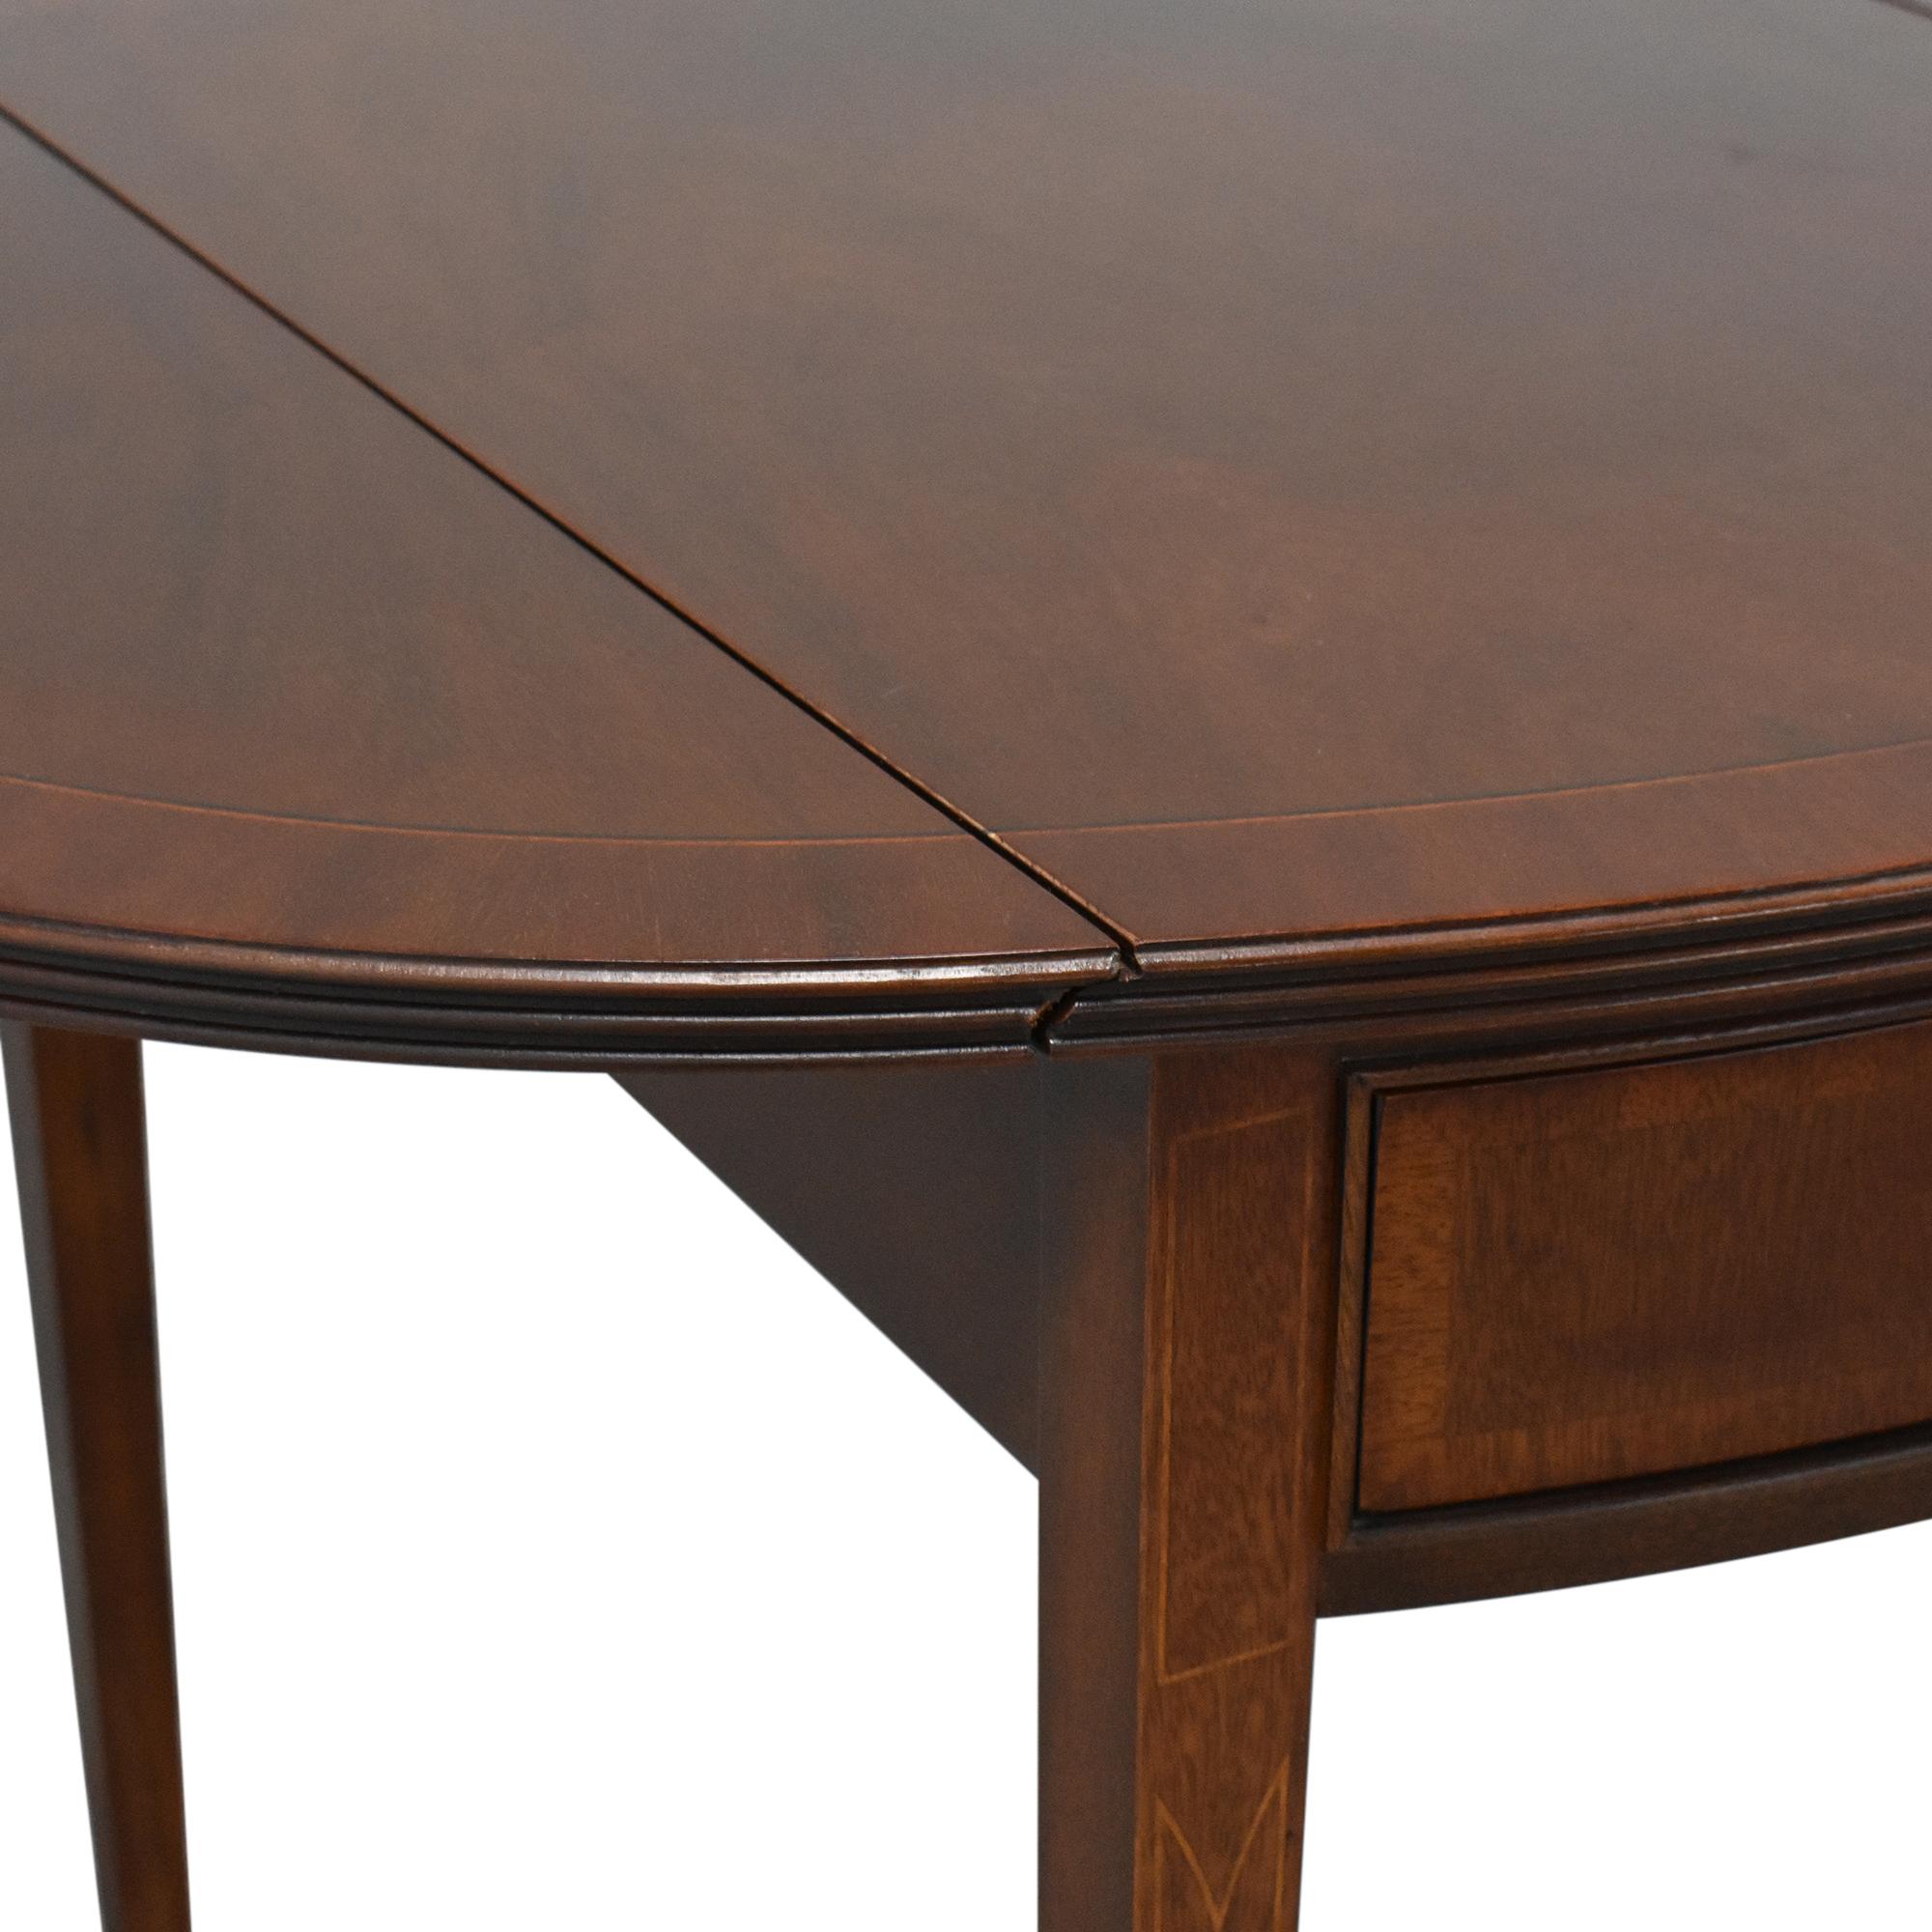 Ethan Allen Ethan Allen 18th Century Collection Pembroke End Table dimensions